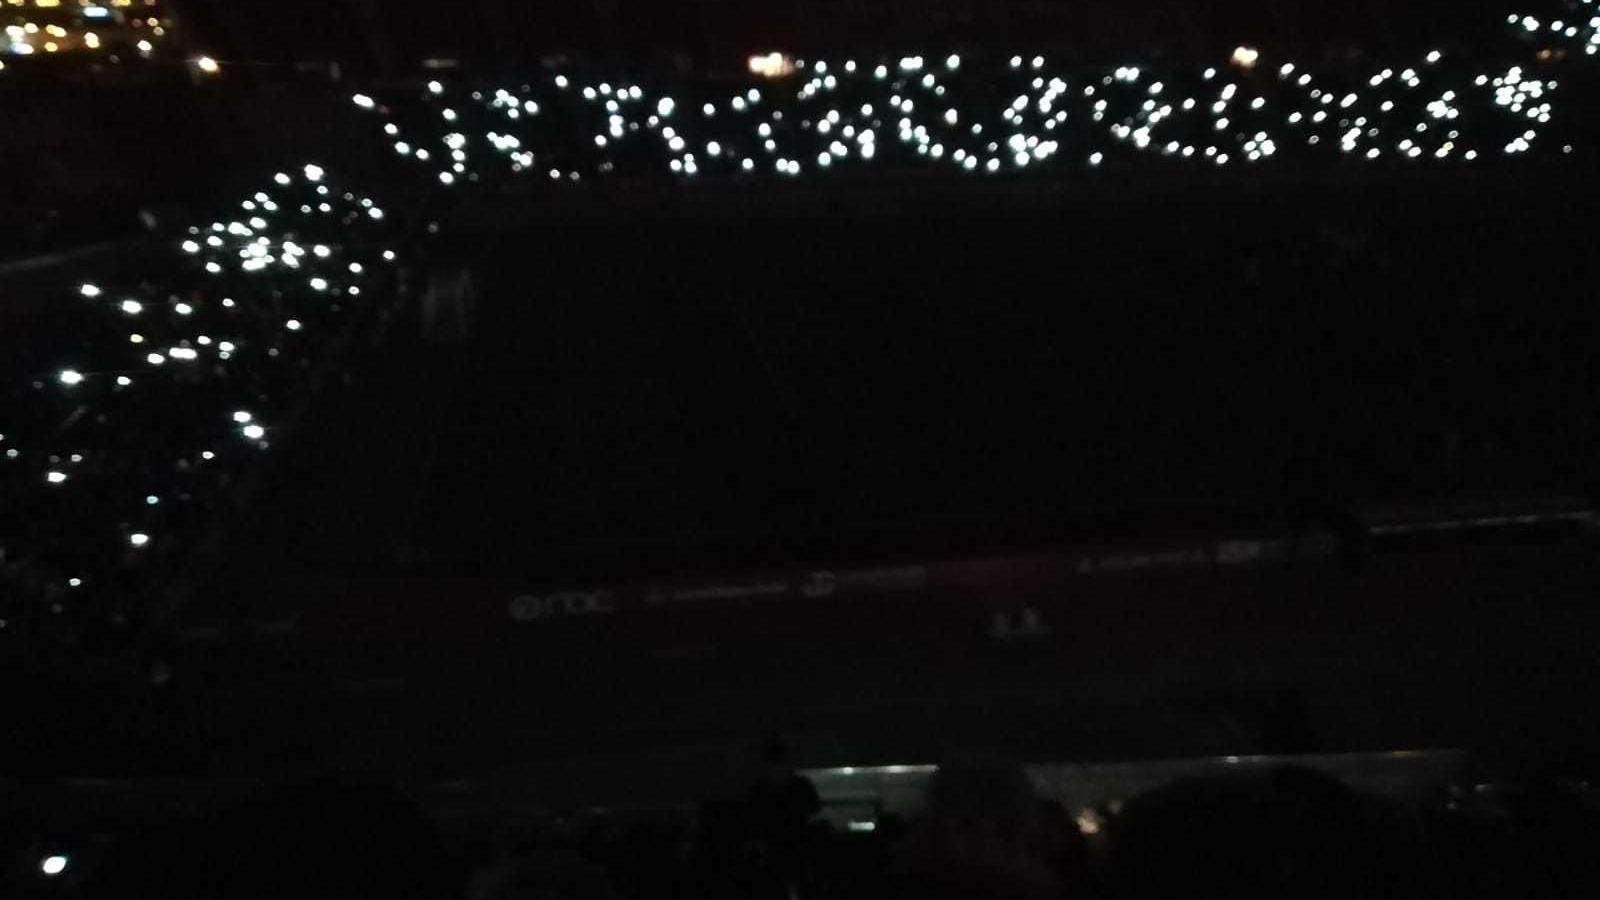 Son Mix s'ha quedat sense llum per segona vegada en deu dies